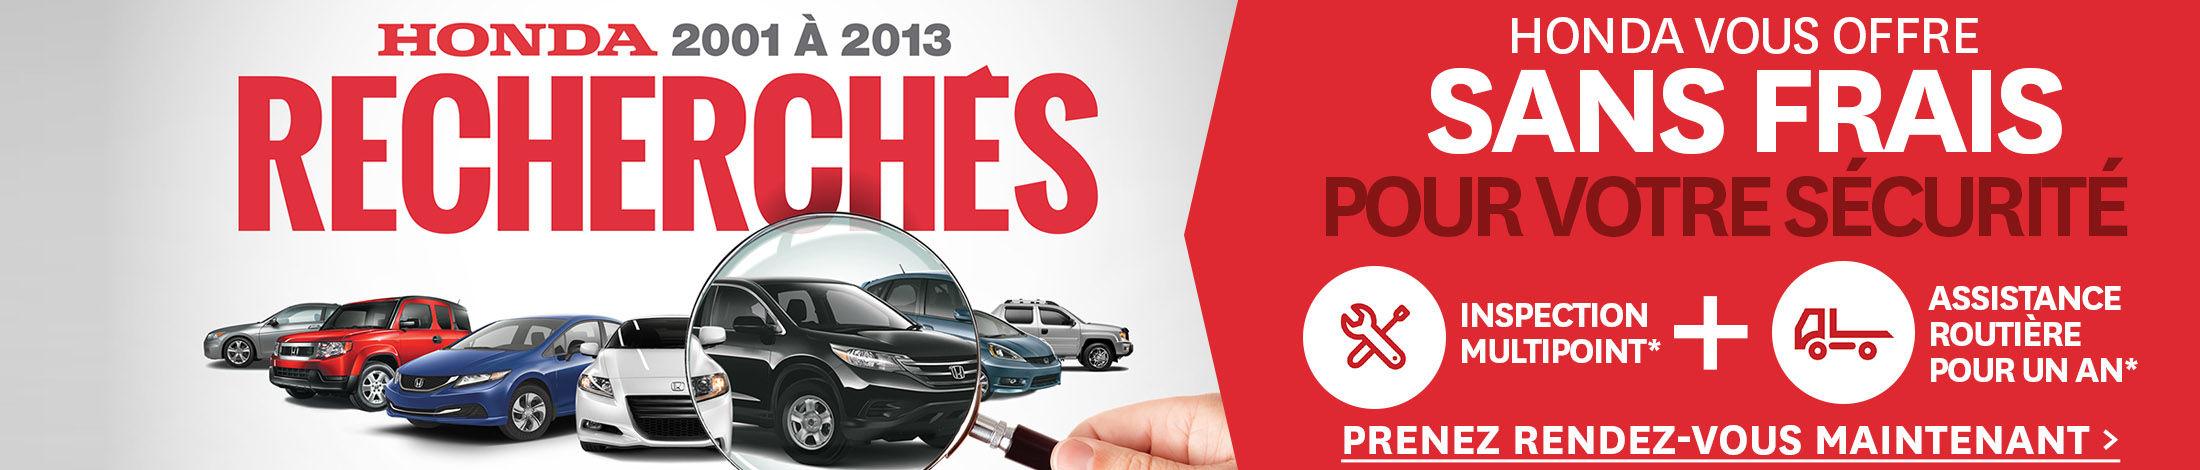 Honda 2001 à 2013 recherchés, Inspection Multipoint